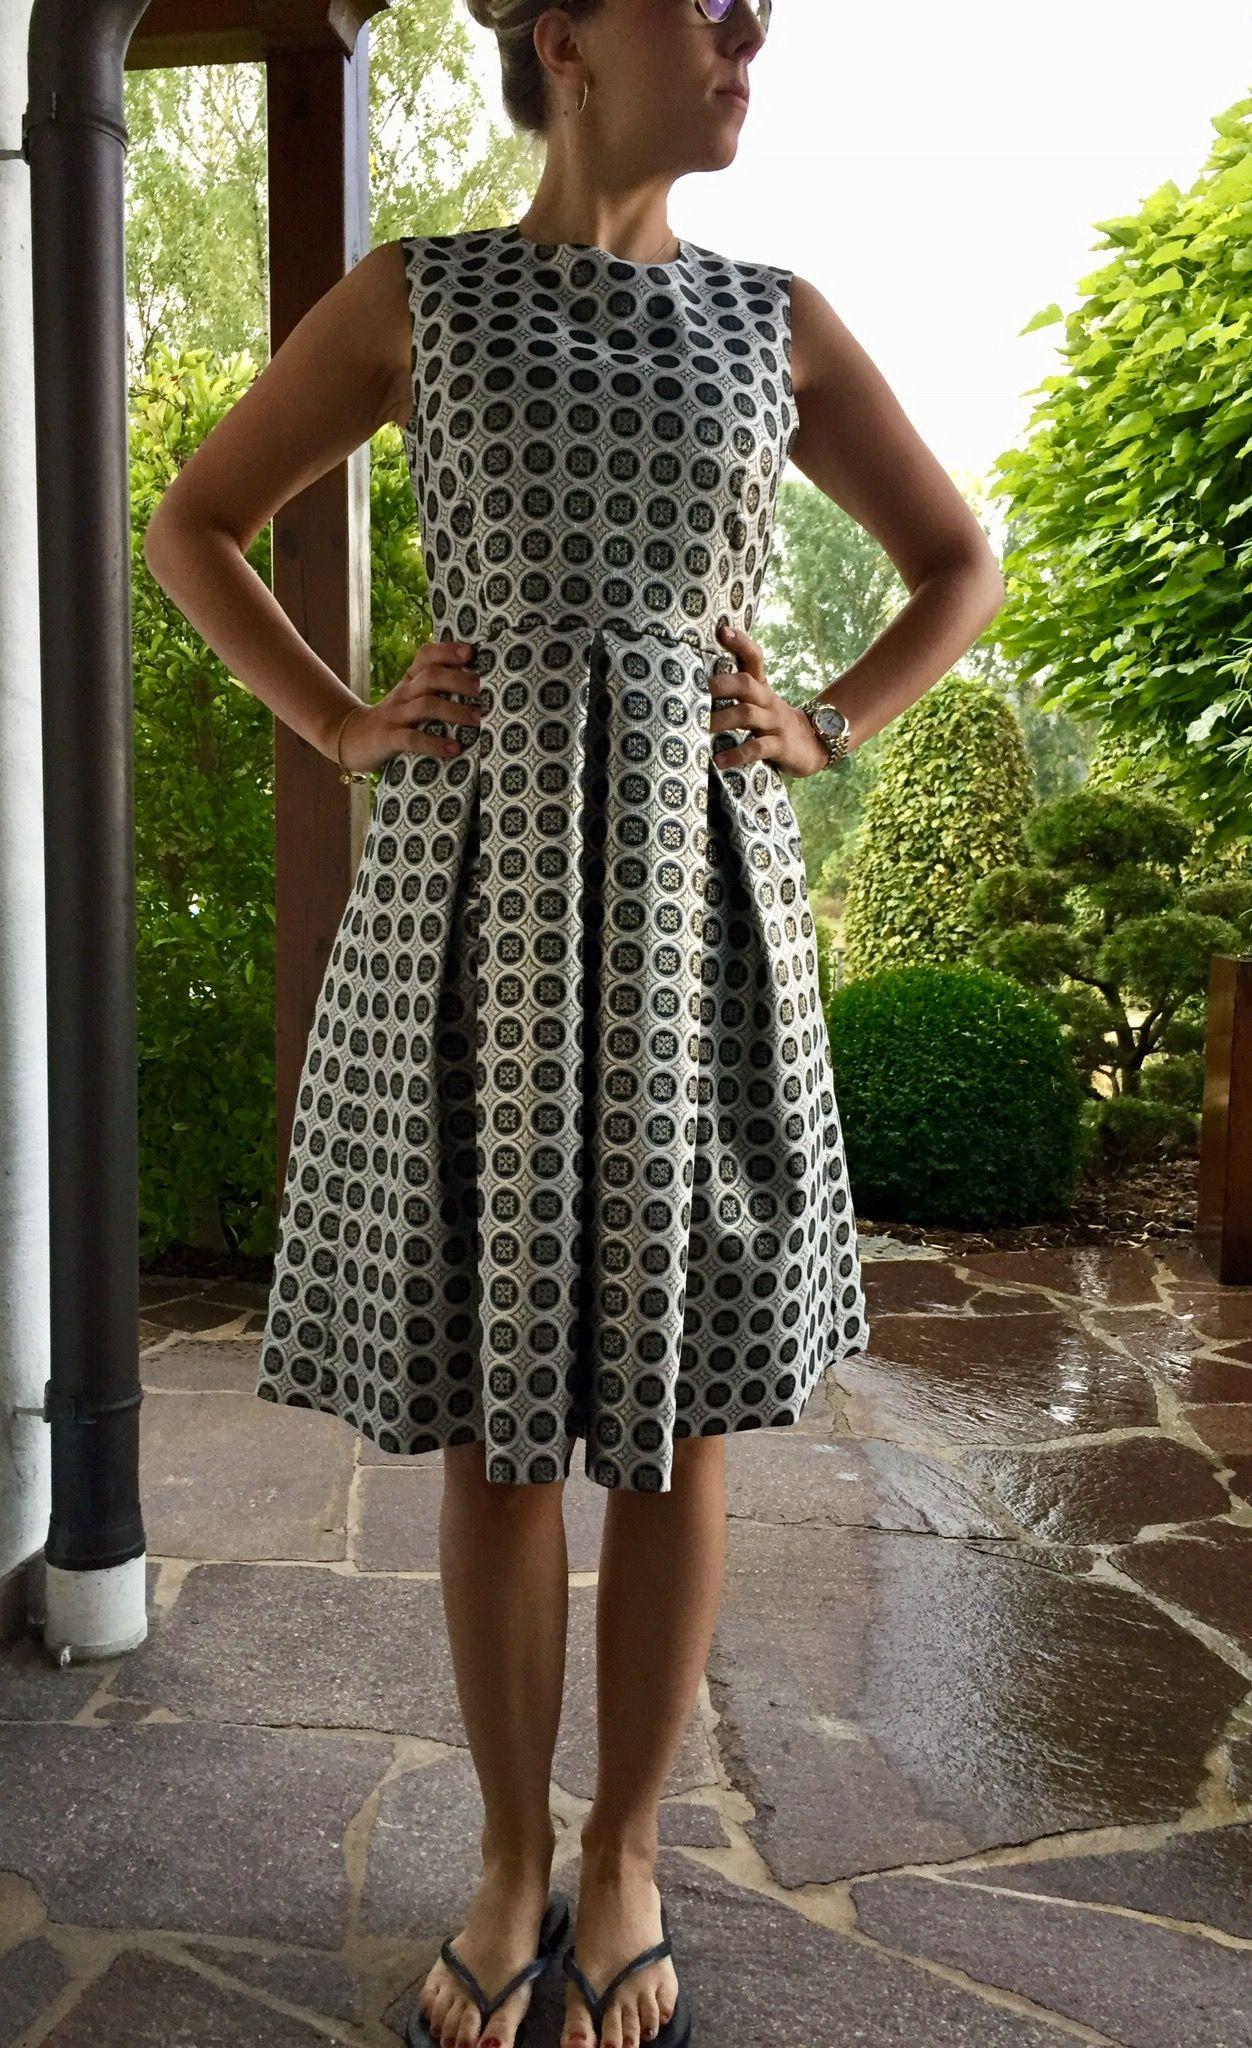 Prinzessinnen? Kleid von terracotta3   Nutzerkreation selbstgemacht von Hobbyschneidern der burda style Community.